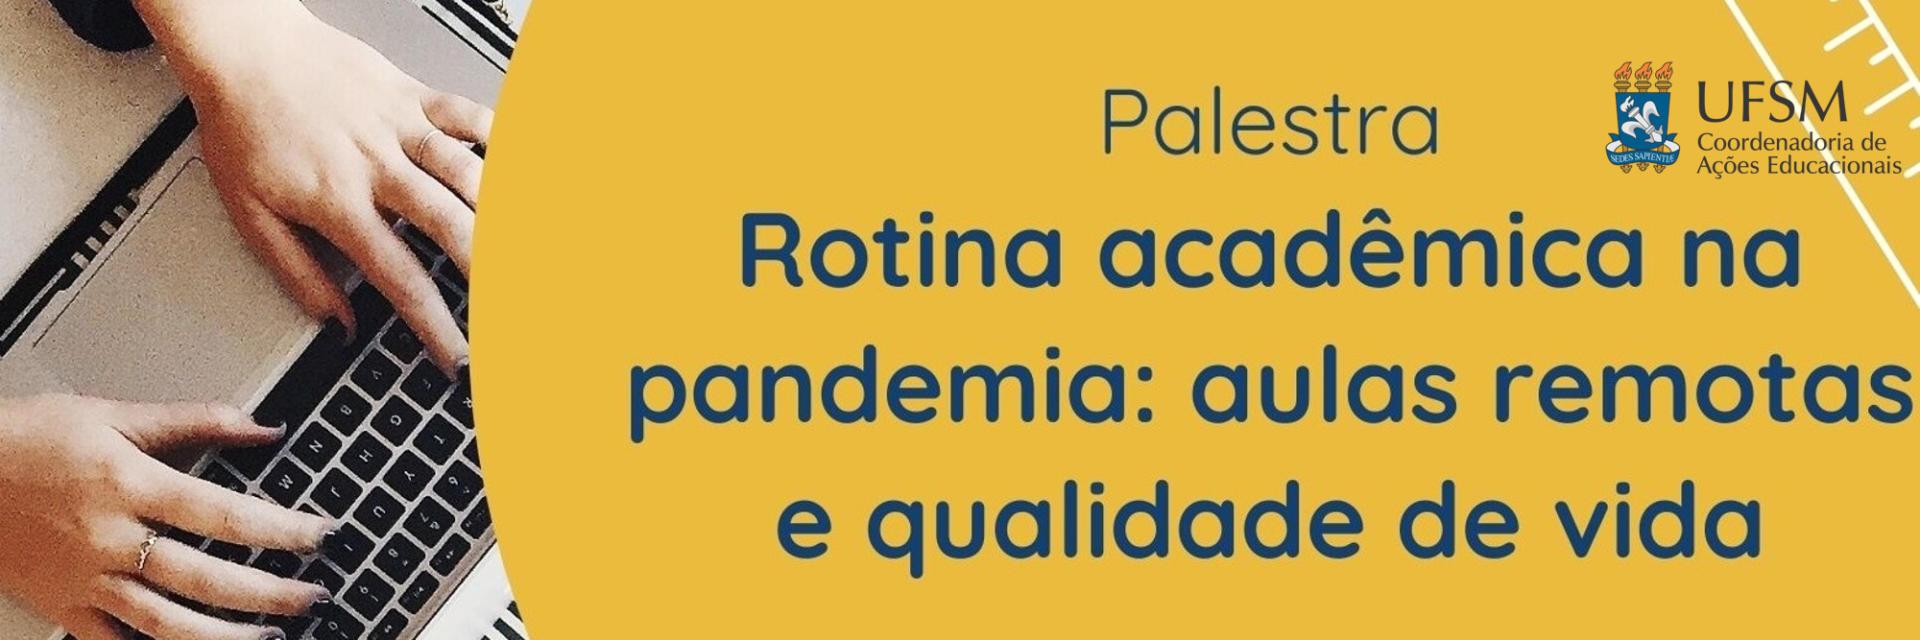 Palestra Rotina acadêmica na pandemia: aulas remotas e qualidade de vida